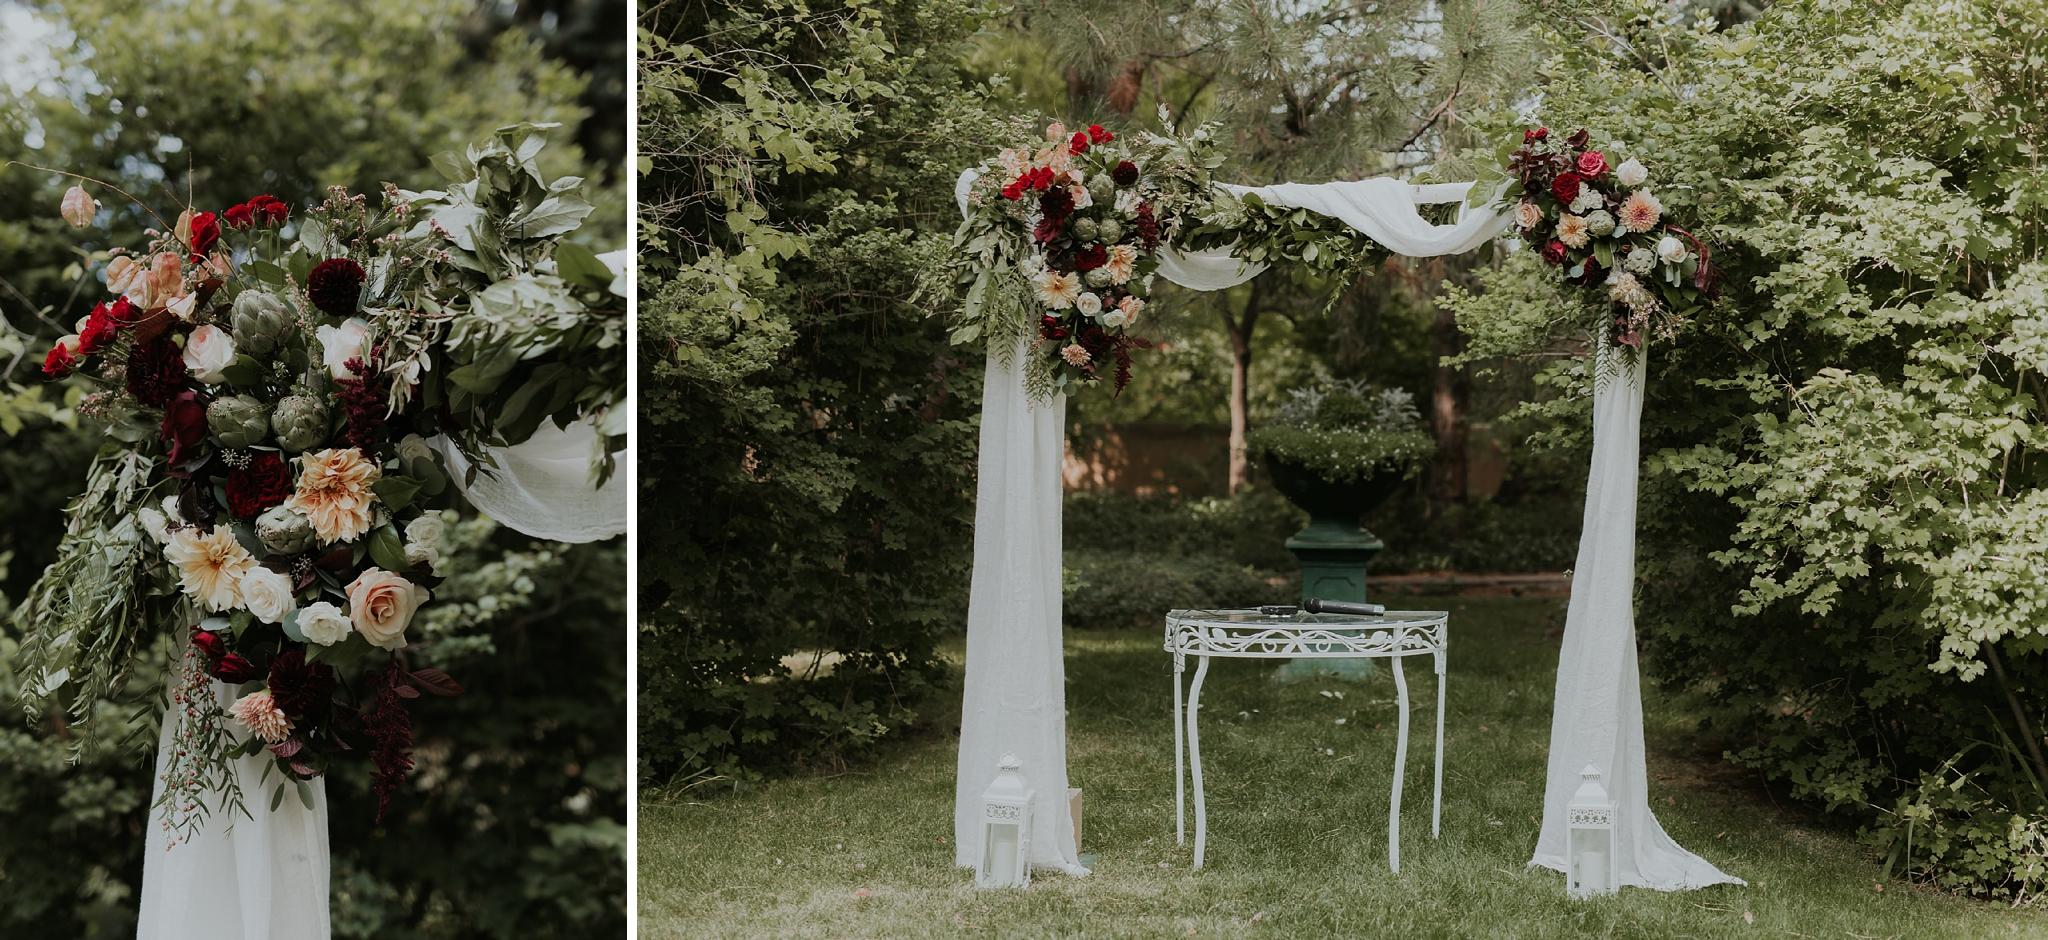 Alicia+lucia+photography+-+albuquerque+wedding+photographer+-+santa+fe+wedding+photography+-+new+mexico+wedding+photographer+-+new+mexico+wedding+-+new+mexico+florist+-+floriography+flowers+-+floriography+flowers+new+mexico+-+wedding+florist_0081.jpg